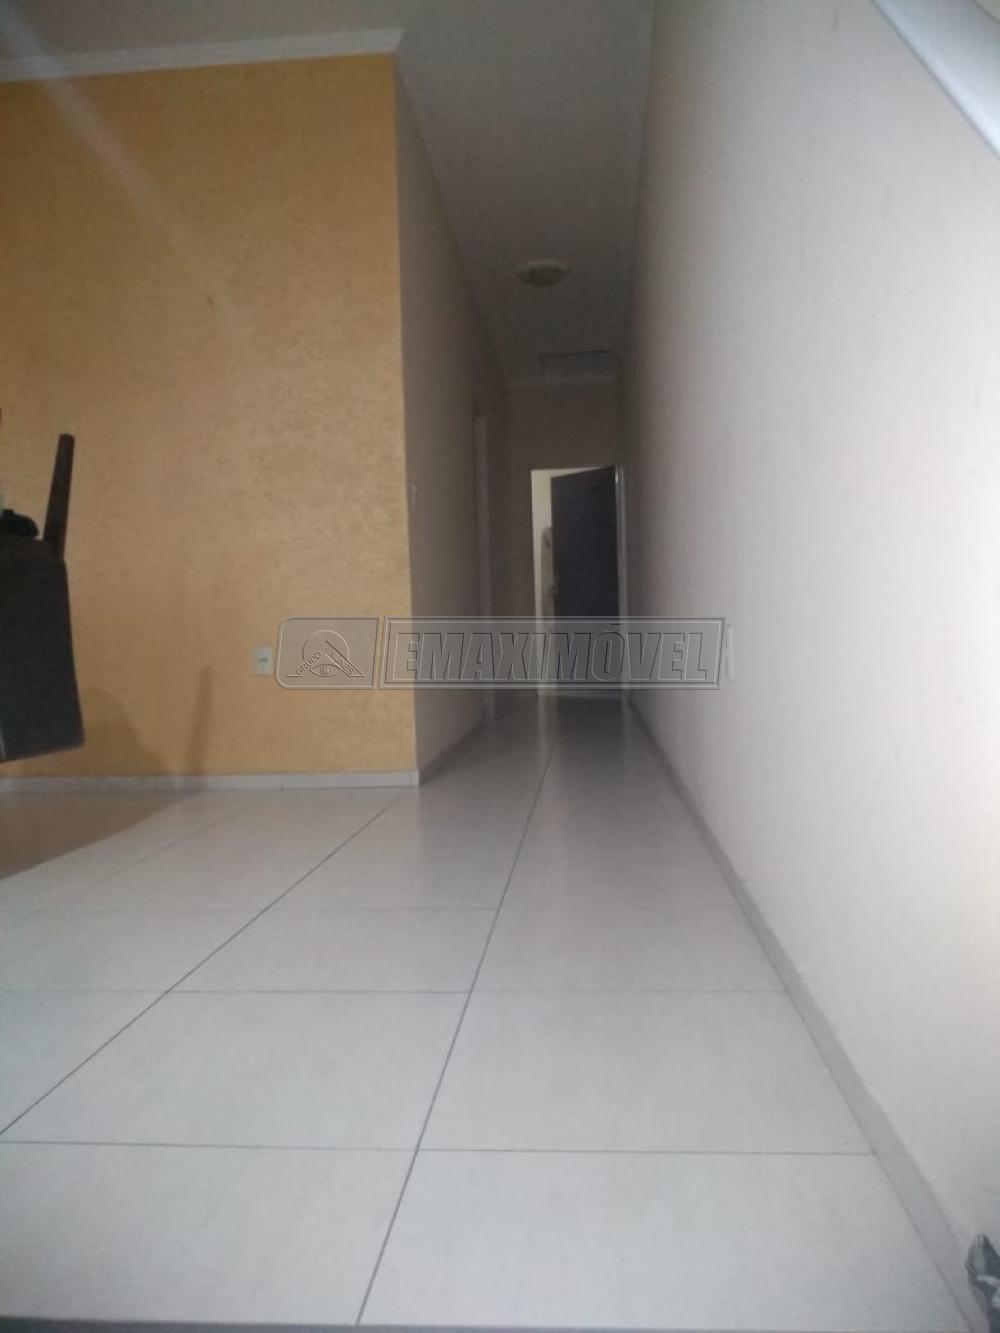 Comprar Casas / em Bairros em Sorocaba apenas R$ 290.000,00 - Foto 13